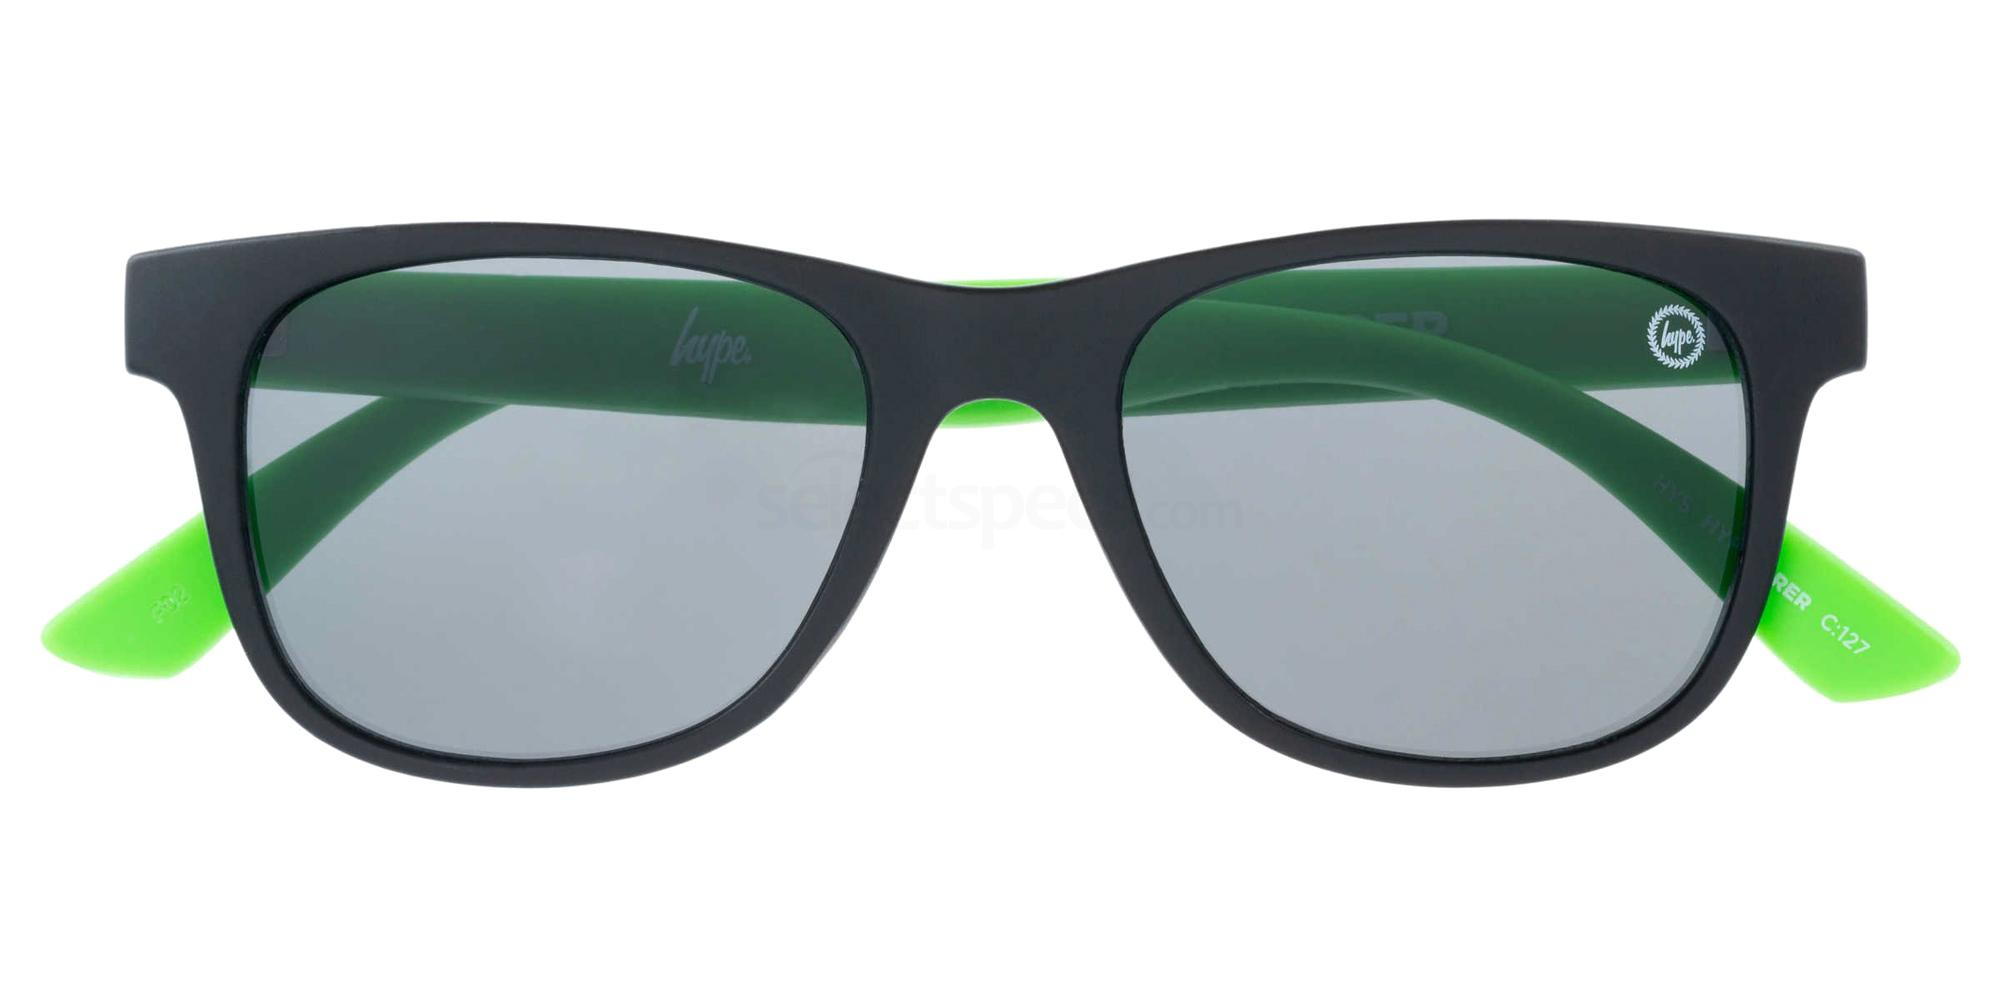 127 HYPEFARER Sunglasses, HYPE